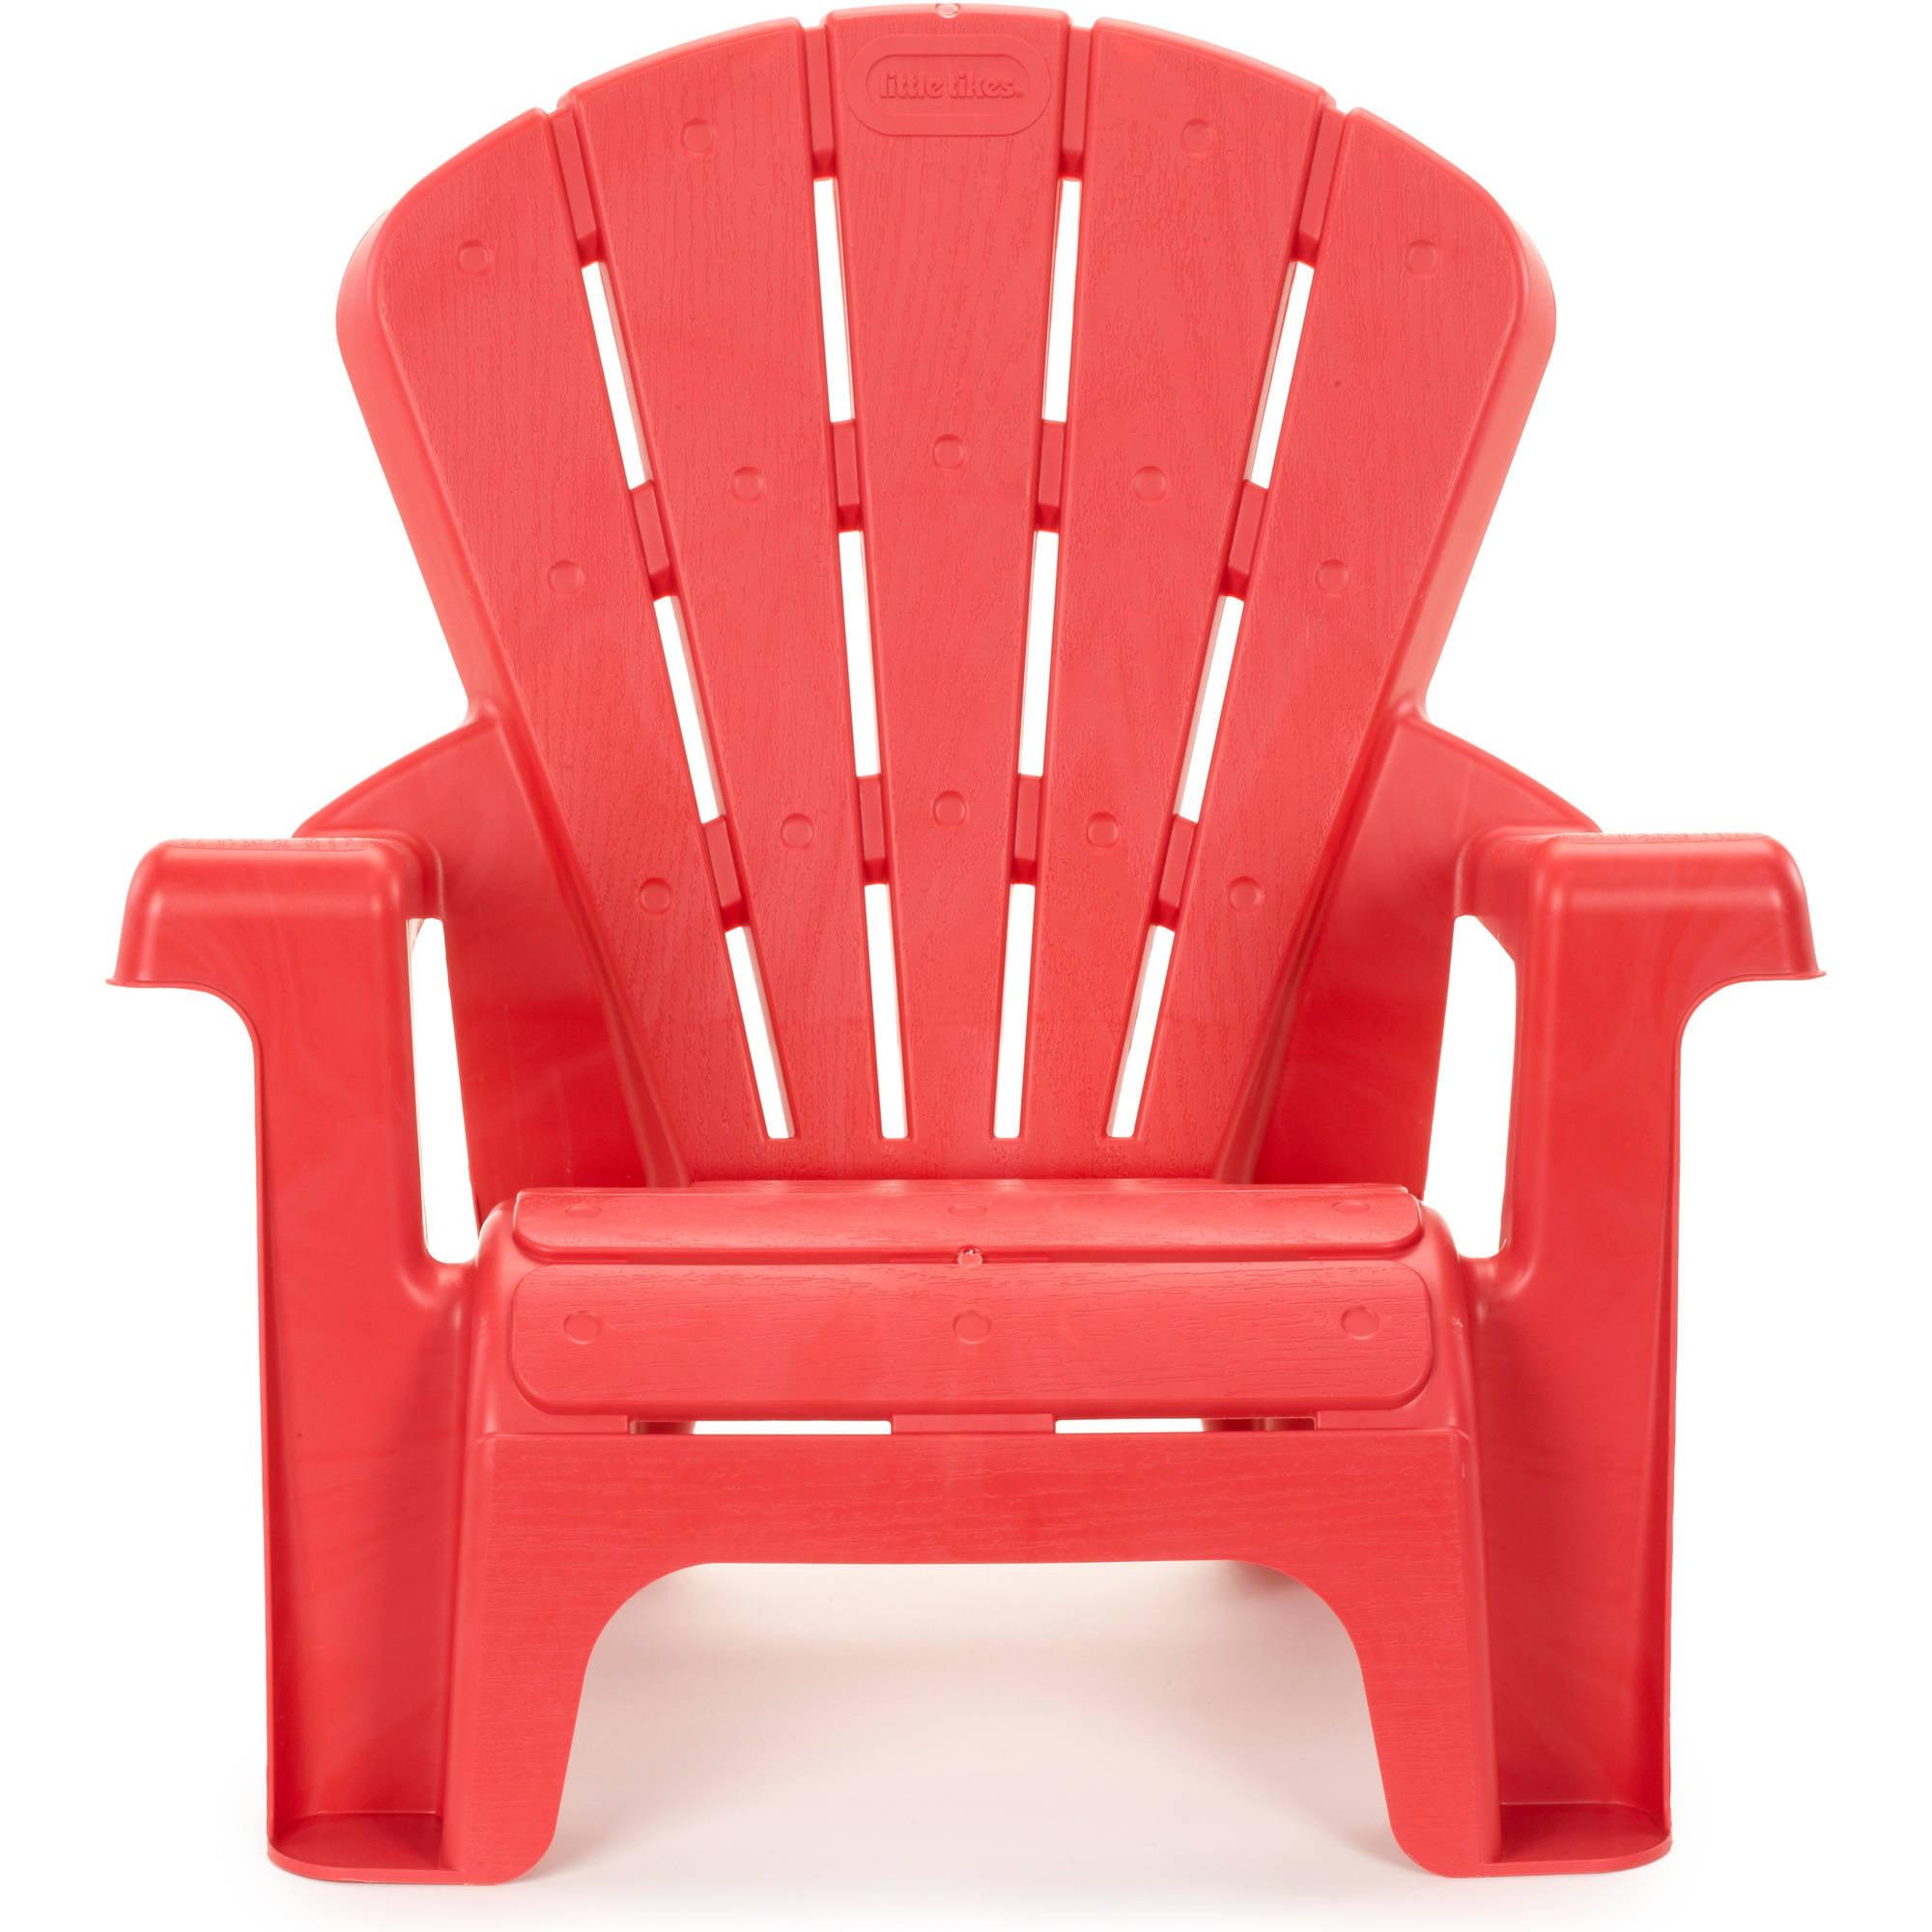 Little Tikes Garden Chair, Red